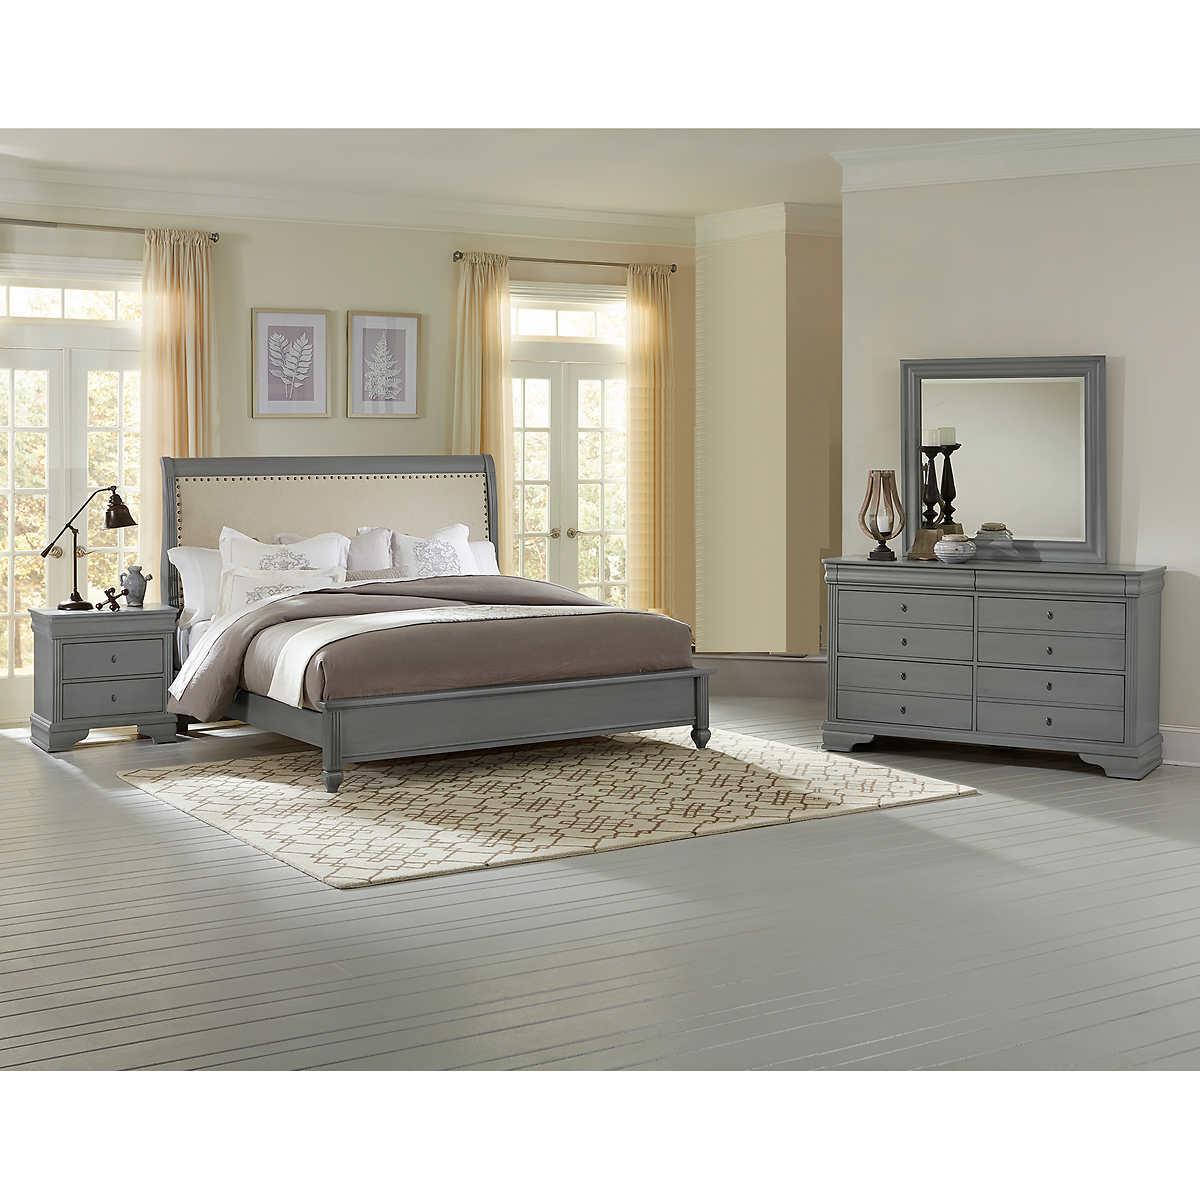 Normandy 5-piece Queen Bedroom Set